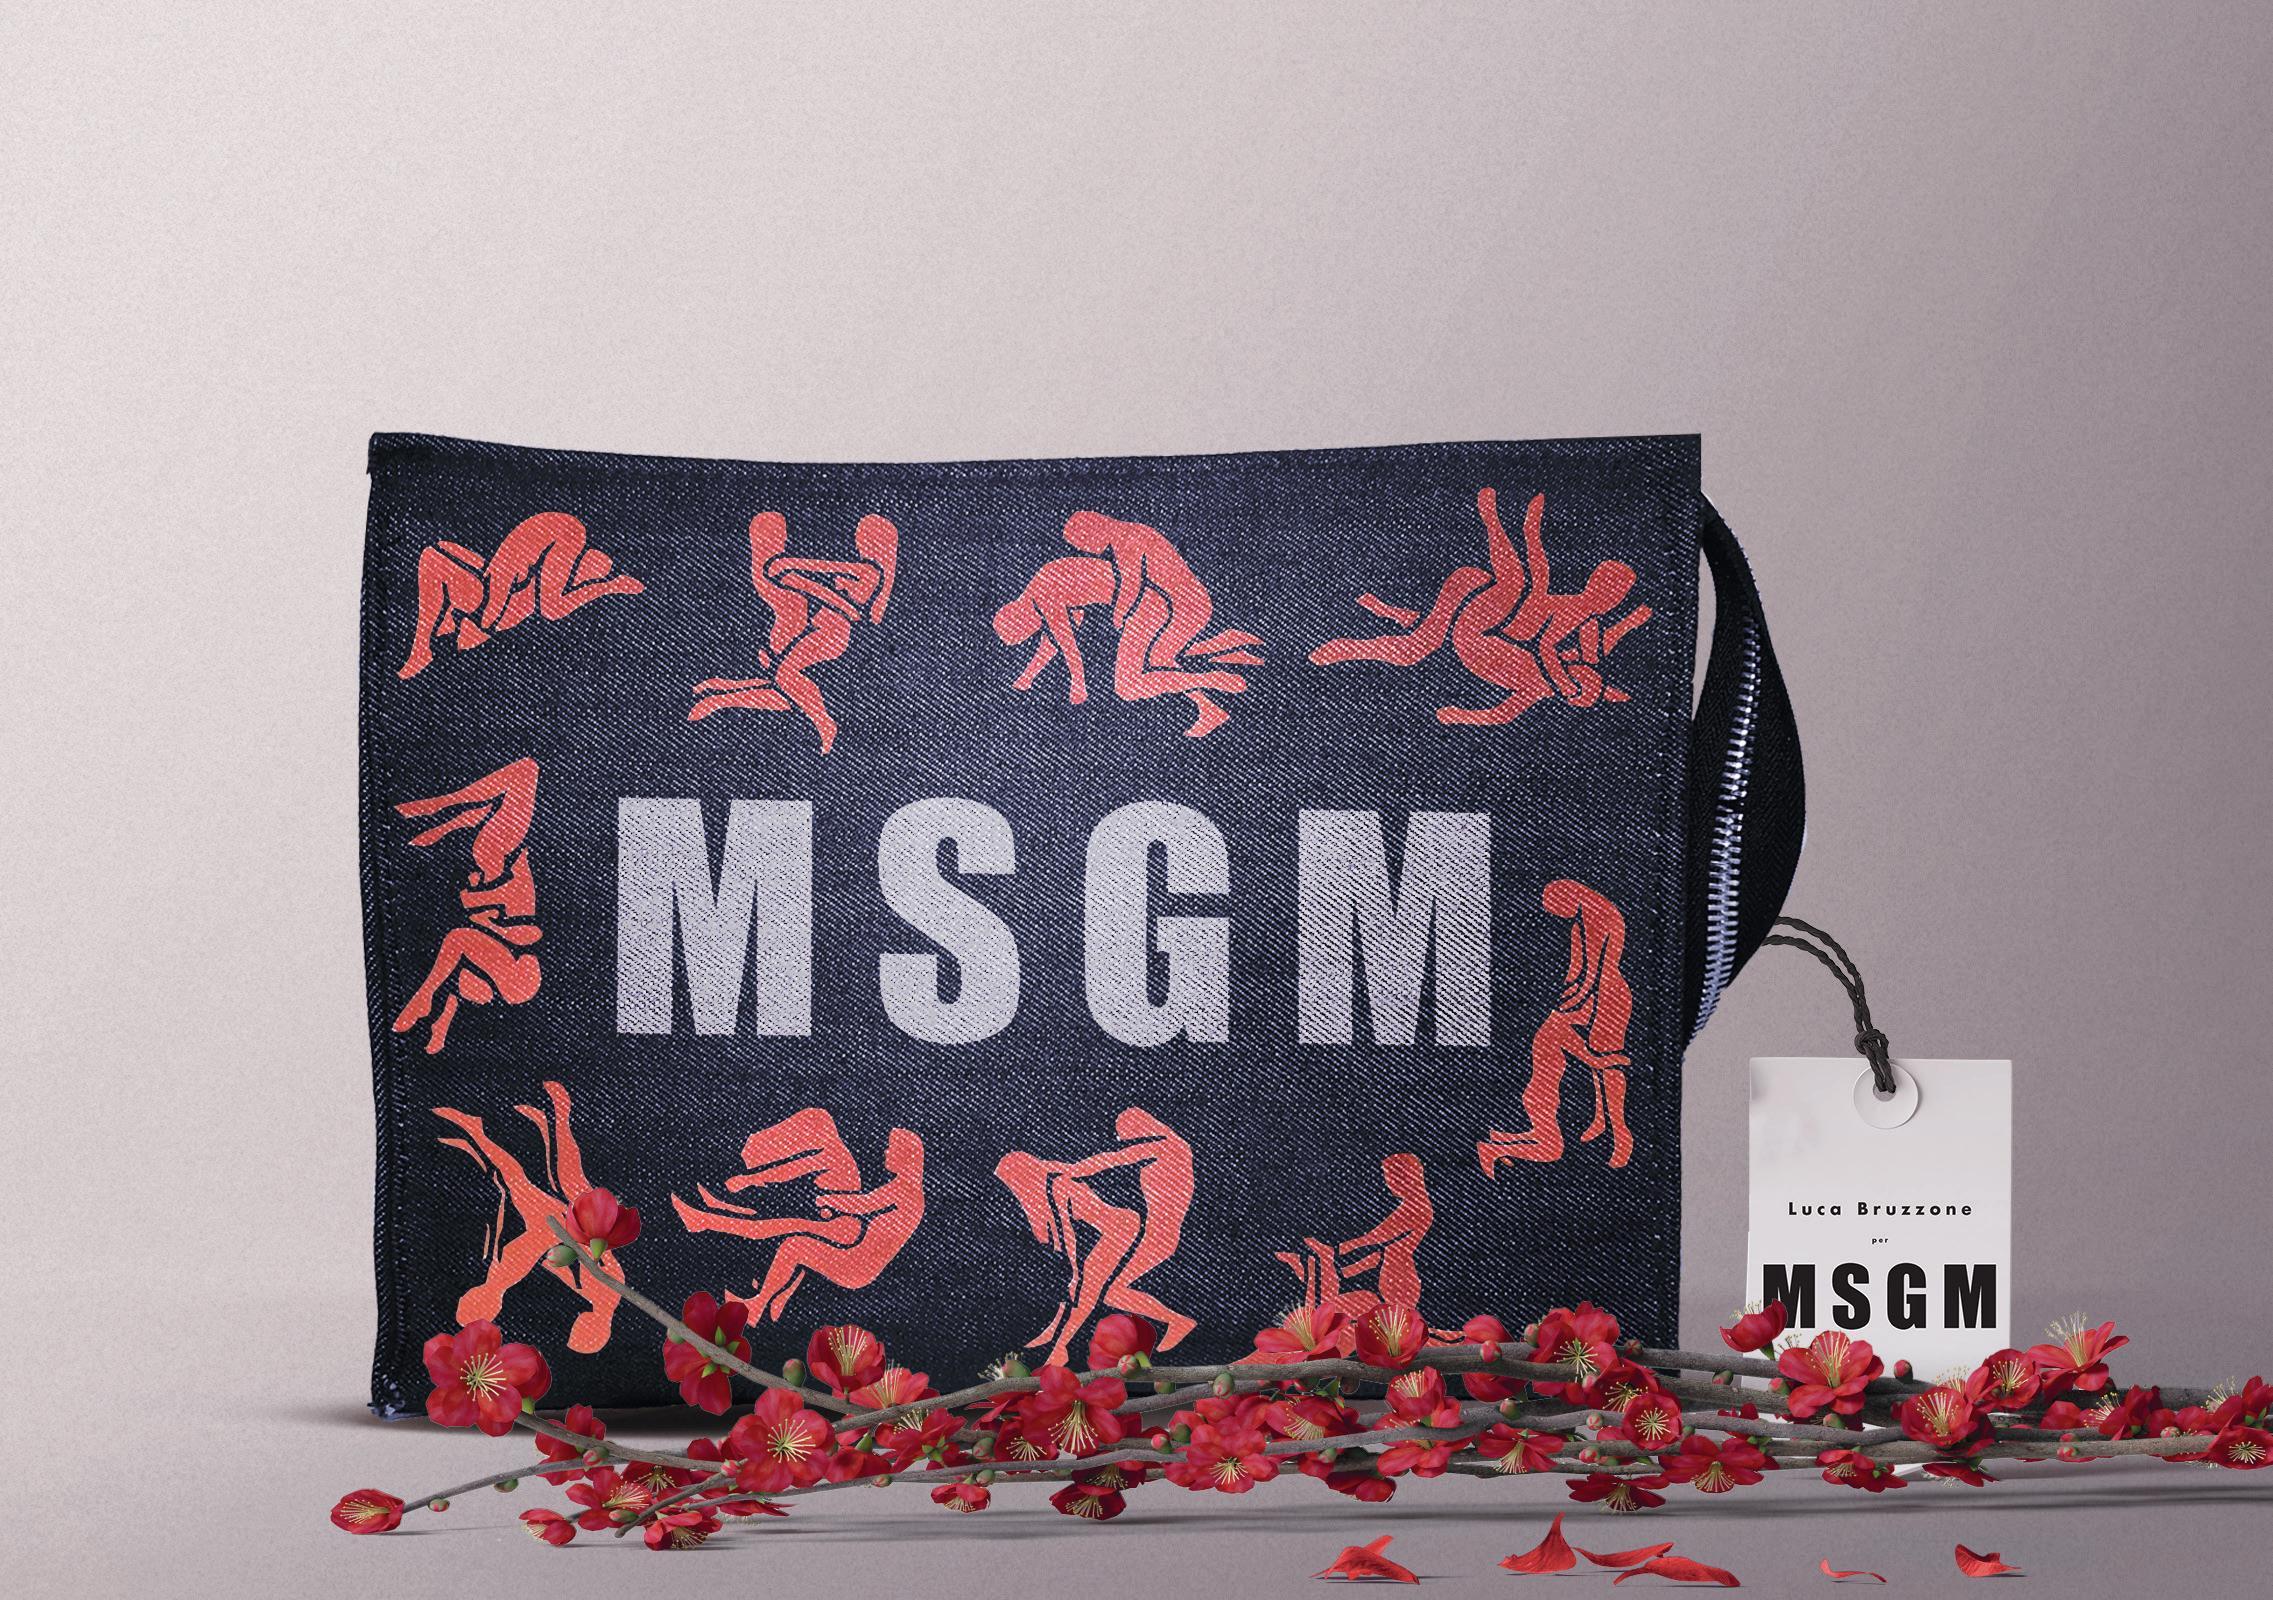 pochette msgm